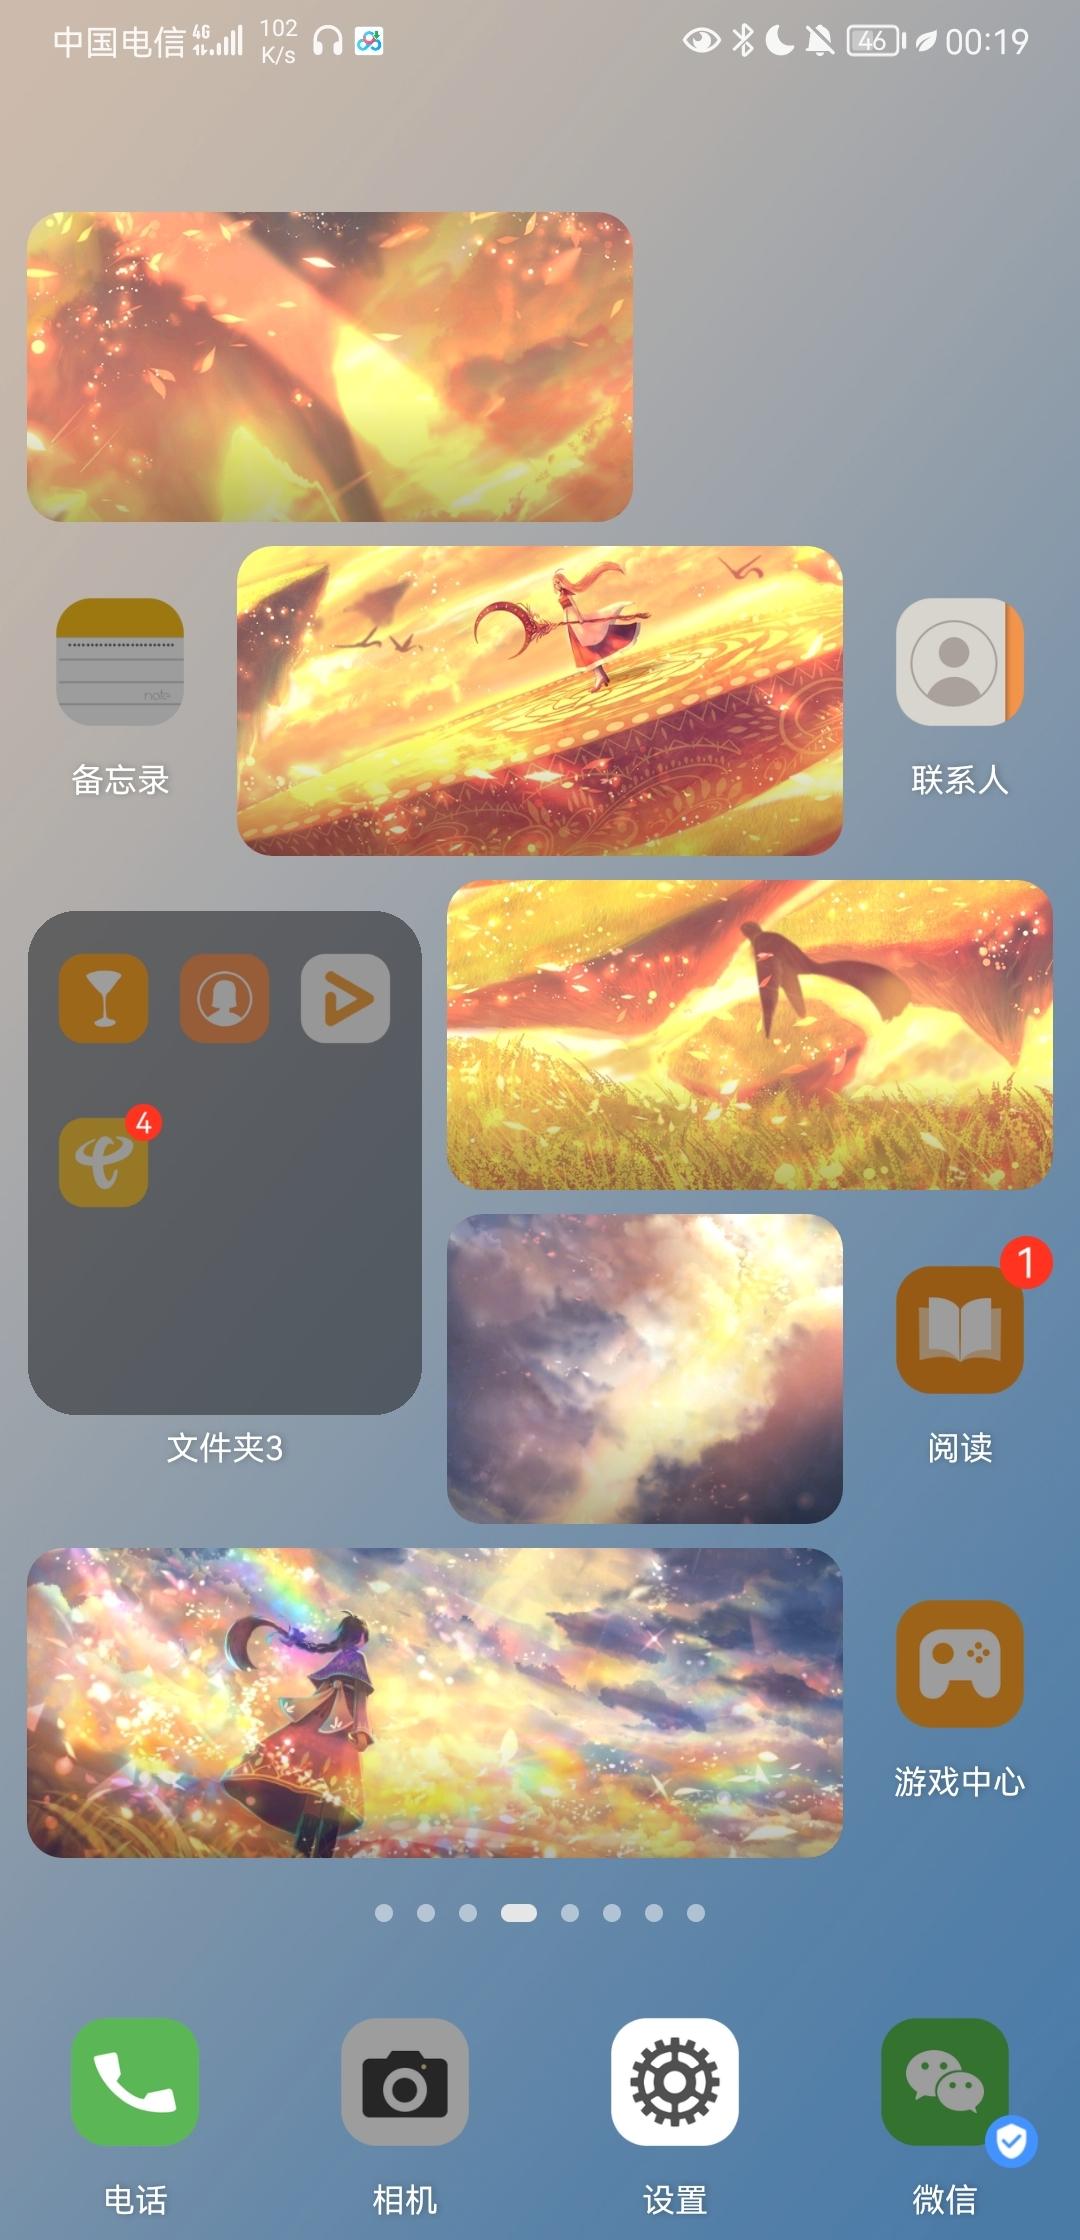 Screenshot_20210923_001954_com.huawei.android.launcher.jpg